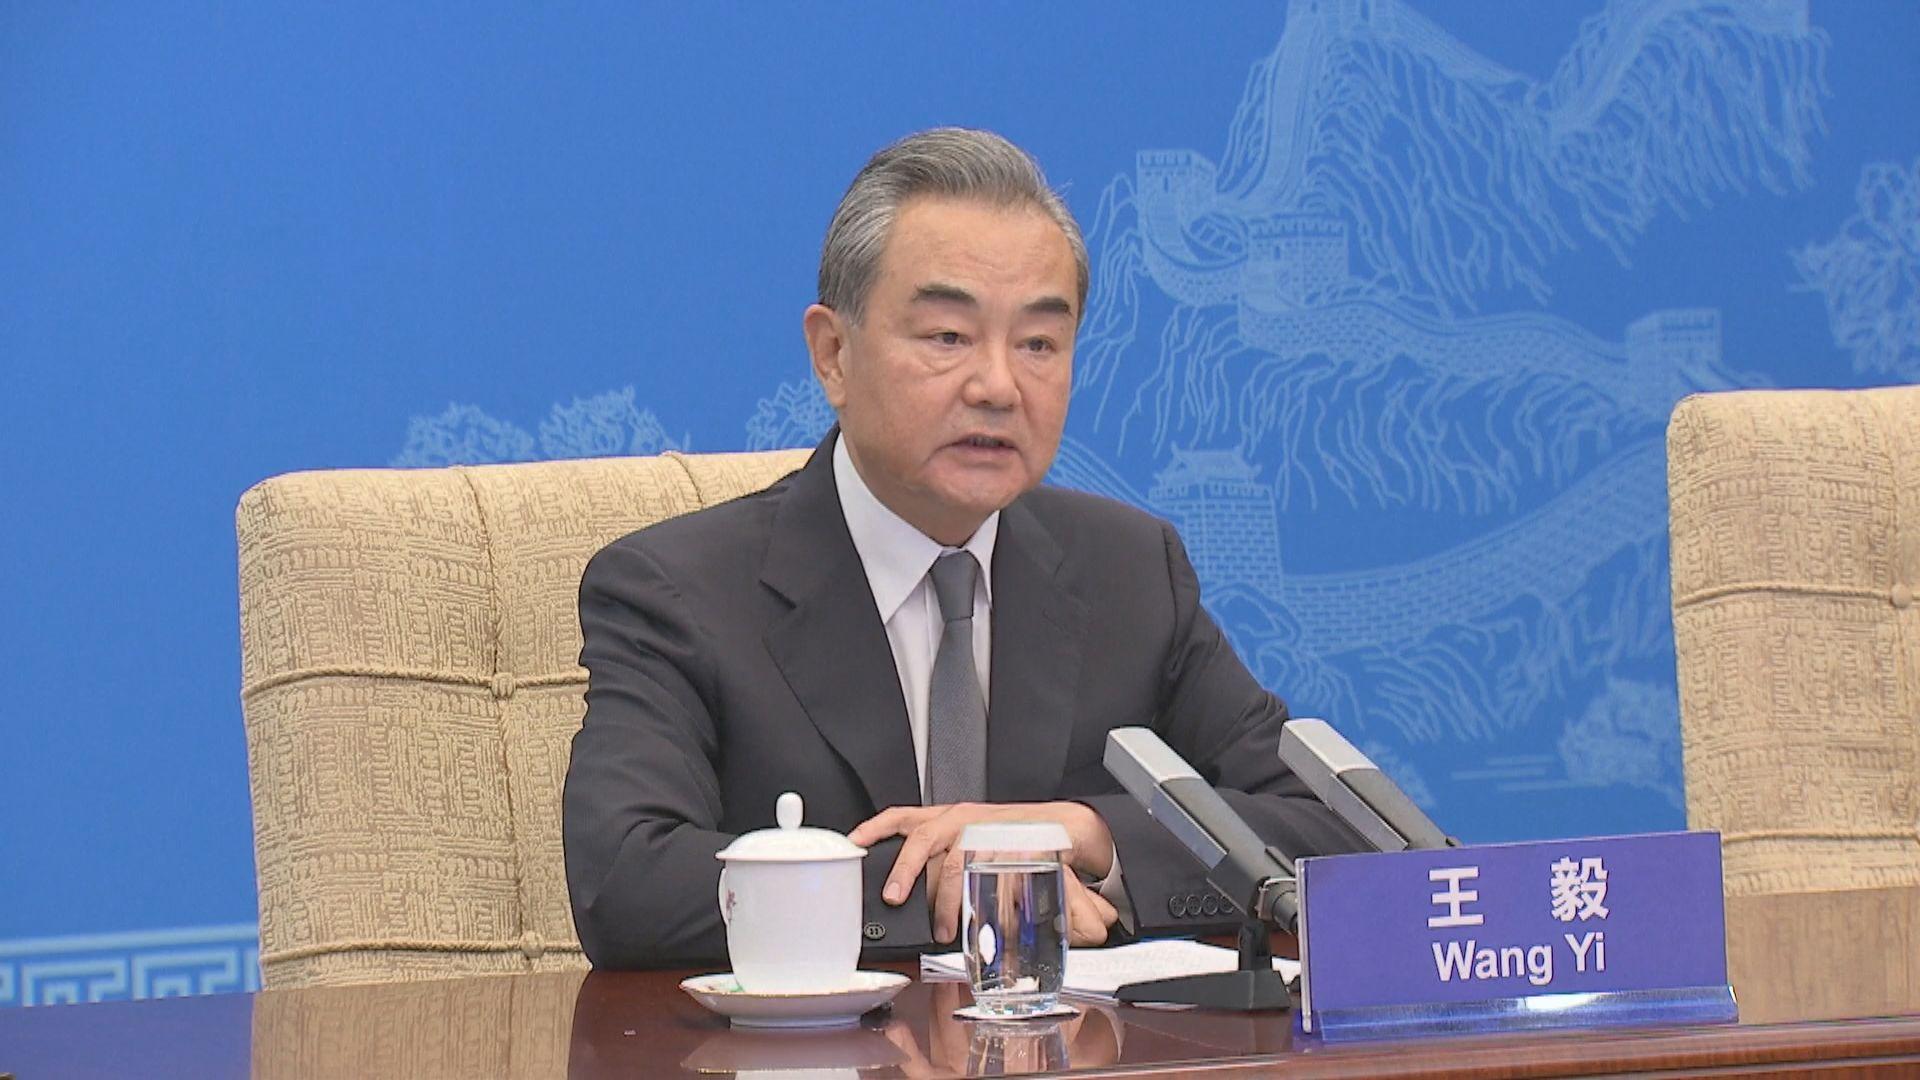 王毅:中國與歐盟唯一恰當定位是全面戰略夥伴